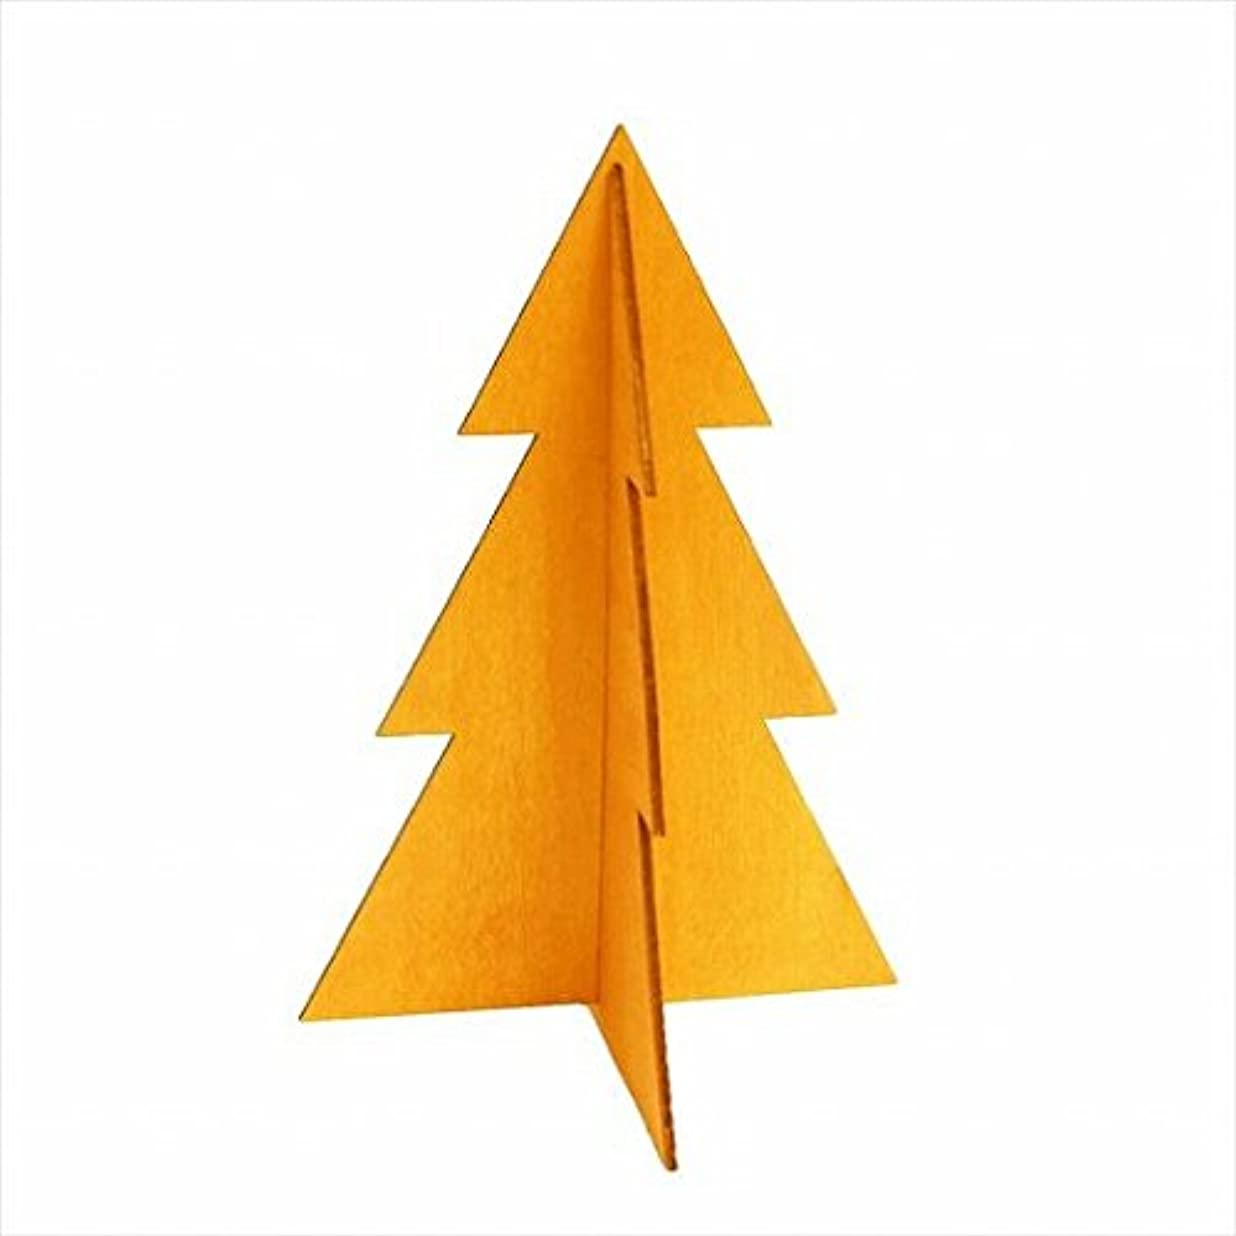 建設デモンストレーションゆりかごカメヤマキャンドル(kameyama candle) フェスティブツリーM 「 オレンジ 」